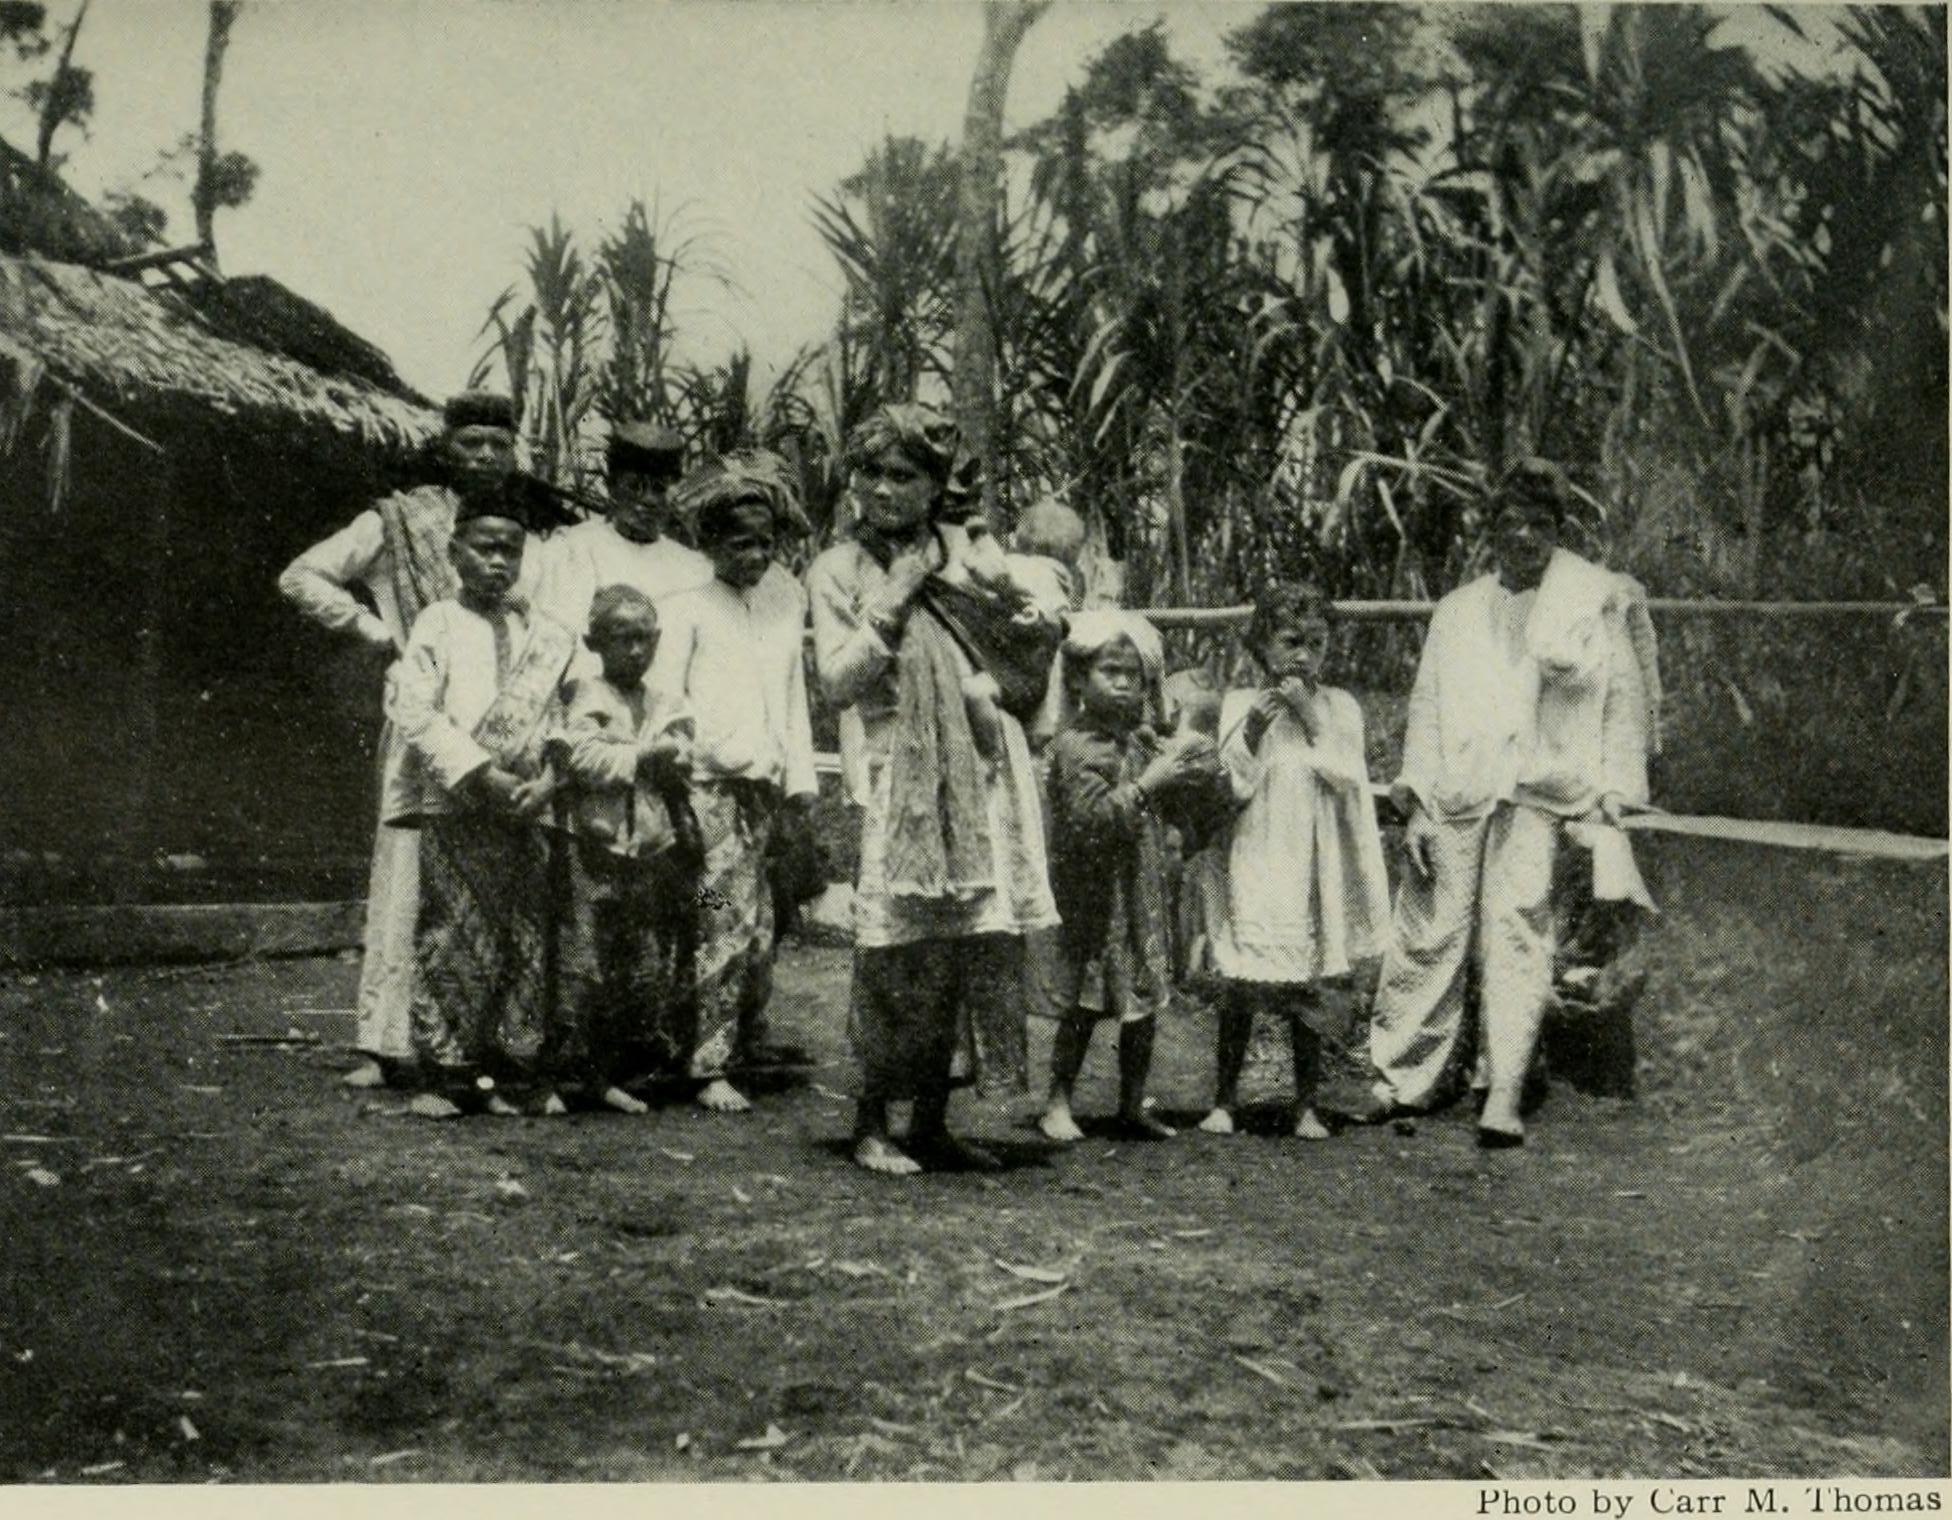 Java Lane, Vanishing With Old Colombo